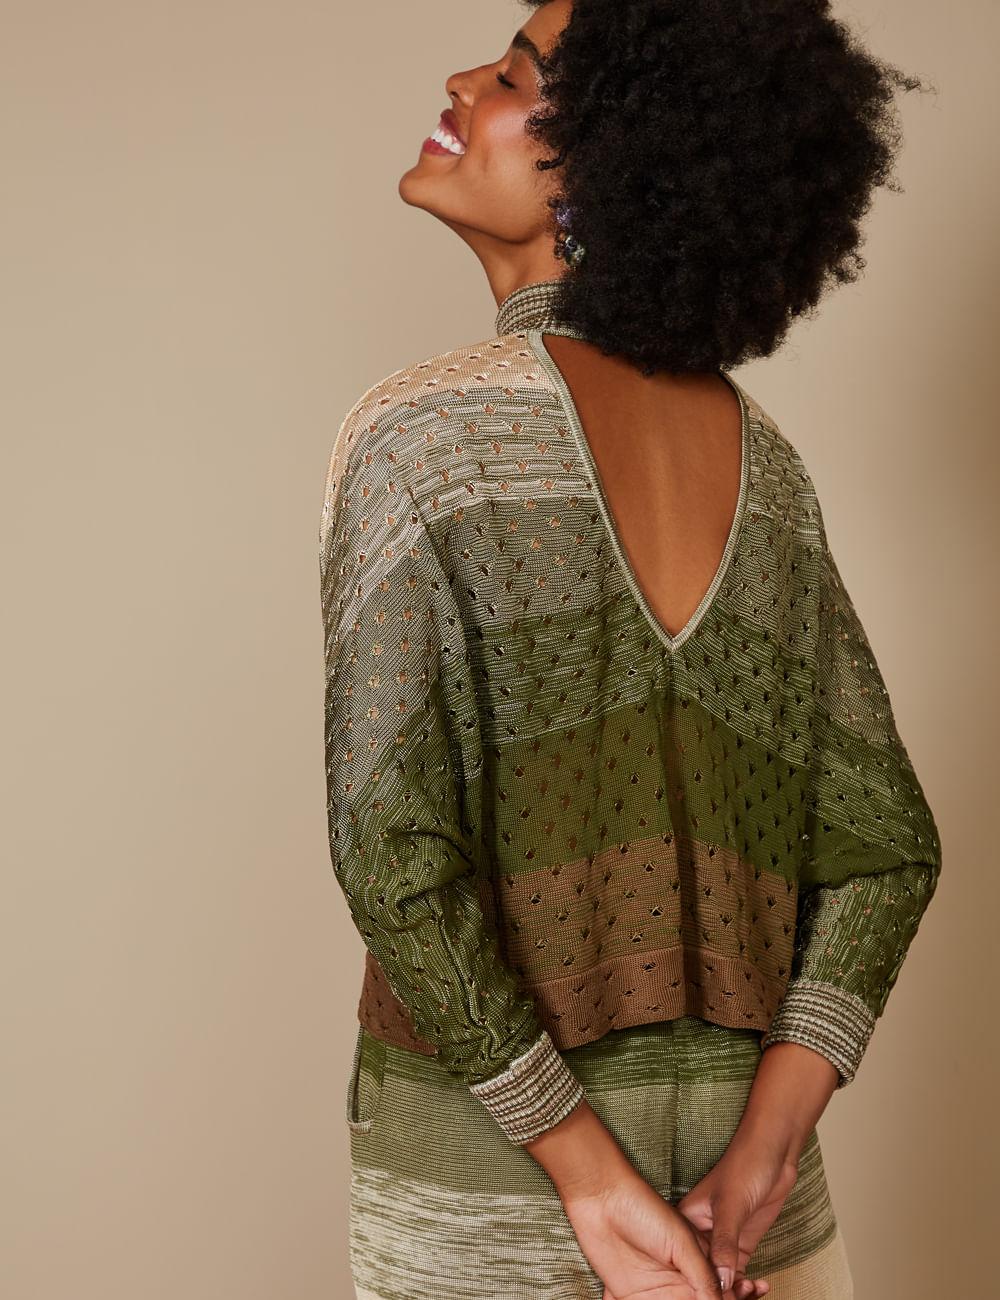 blusa-mescla-verde-com-furos-p-costa